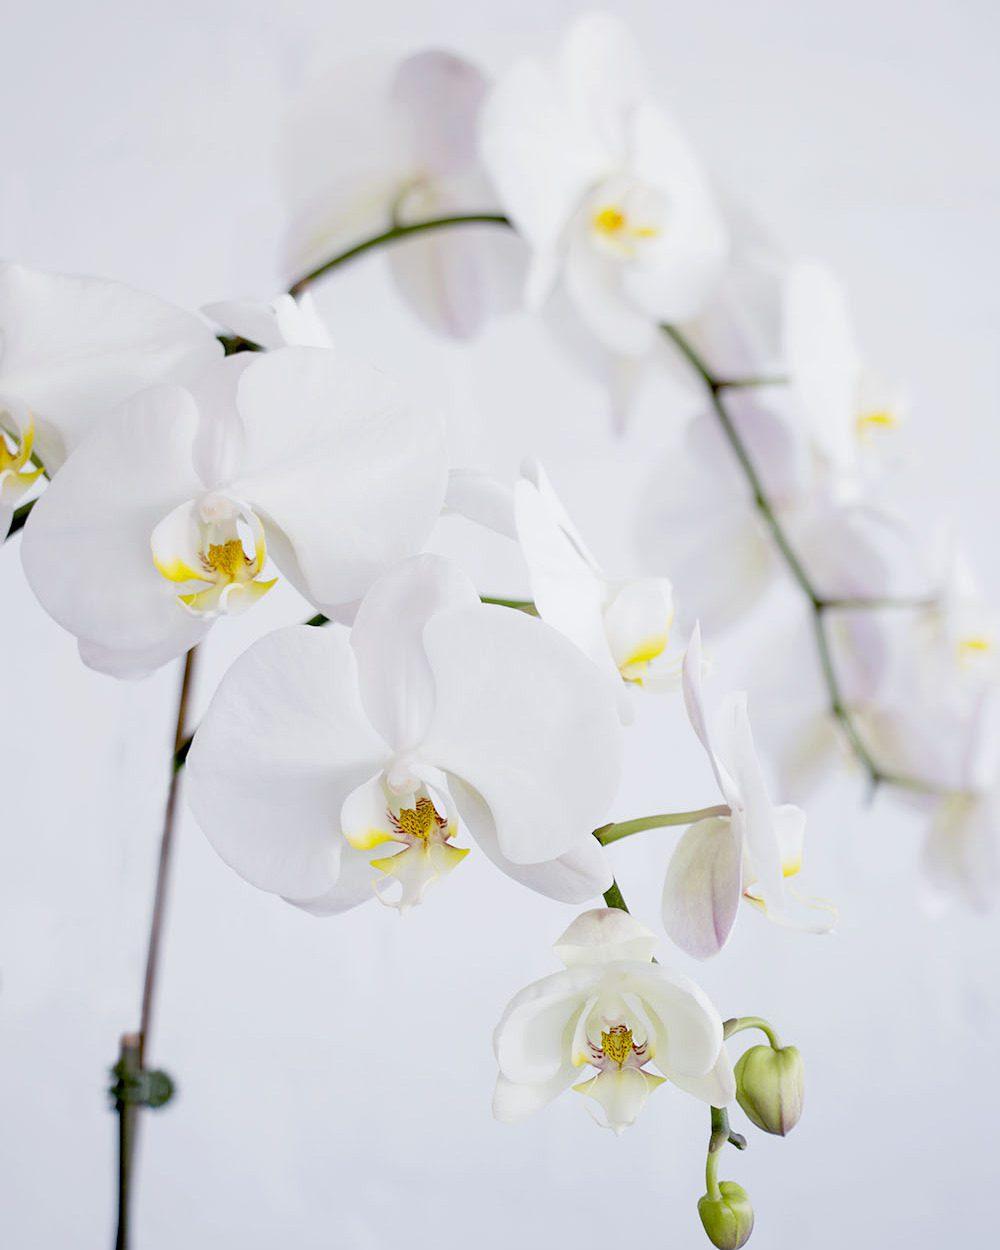 Orchids-Medium-Close